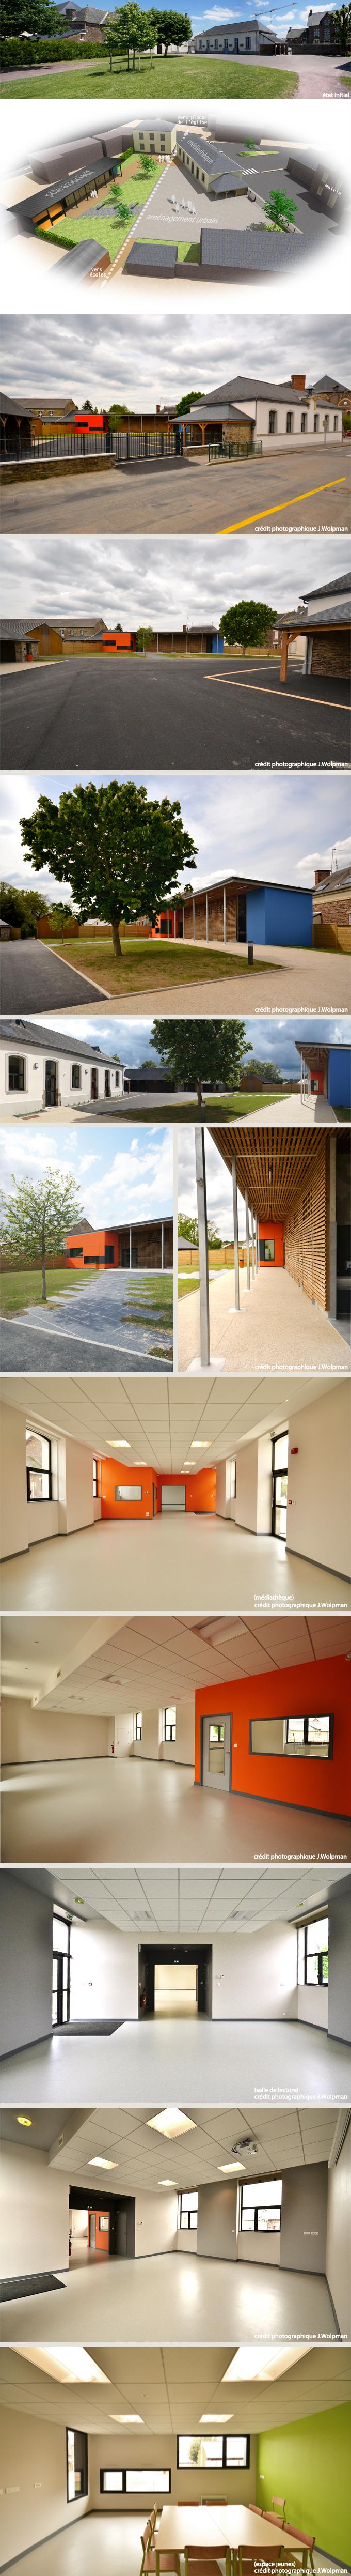 Réhabilitation d'un ouvrage existant en médiathèque + construction d'un pôle associatif + aménagement urbain + installation d'une chaudière bois